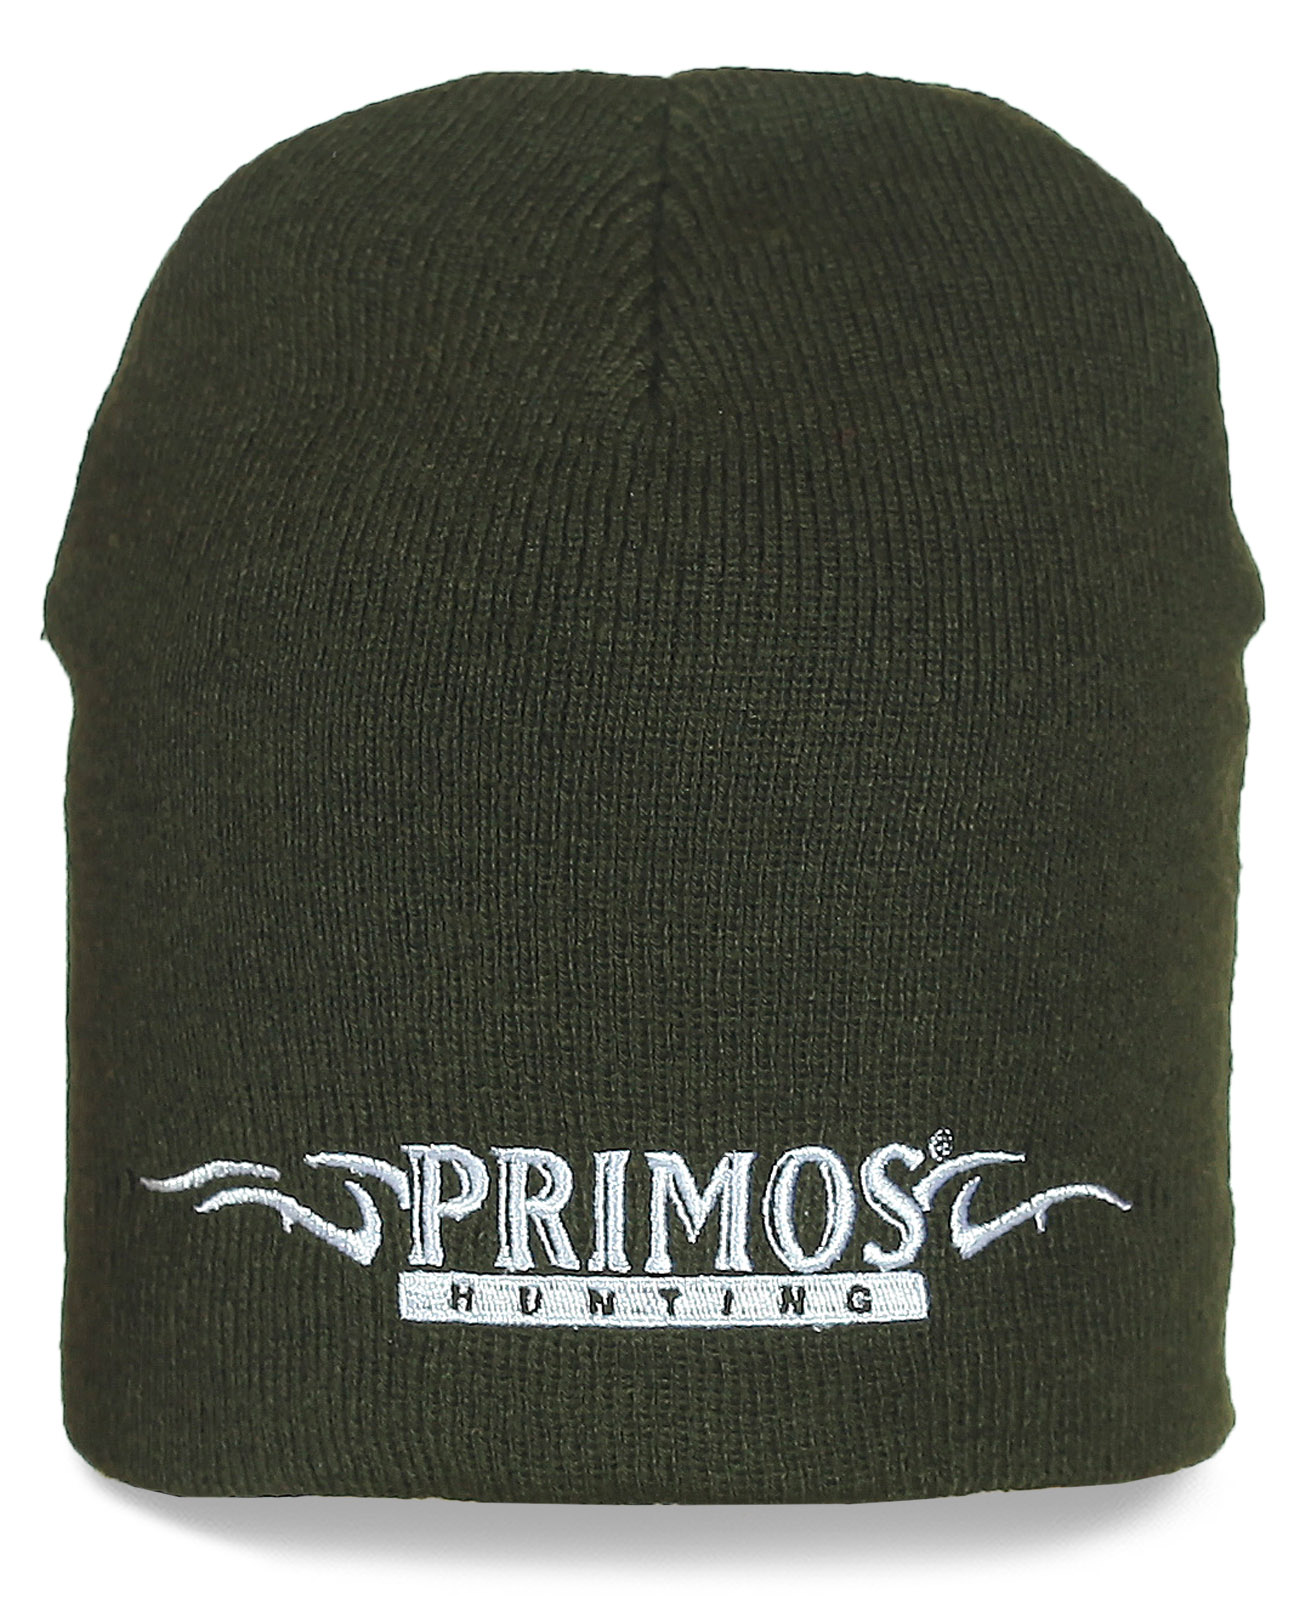 Оригинальная шапка Primos Hunting. Теплая и практичная модель